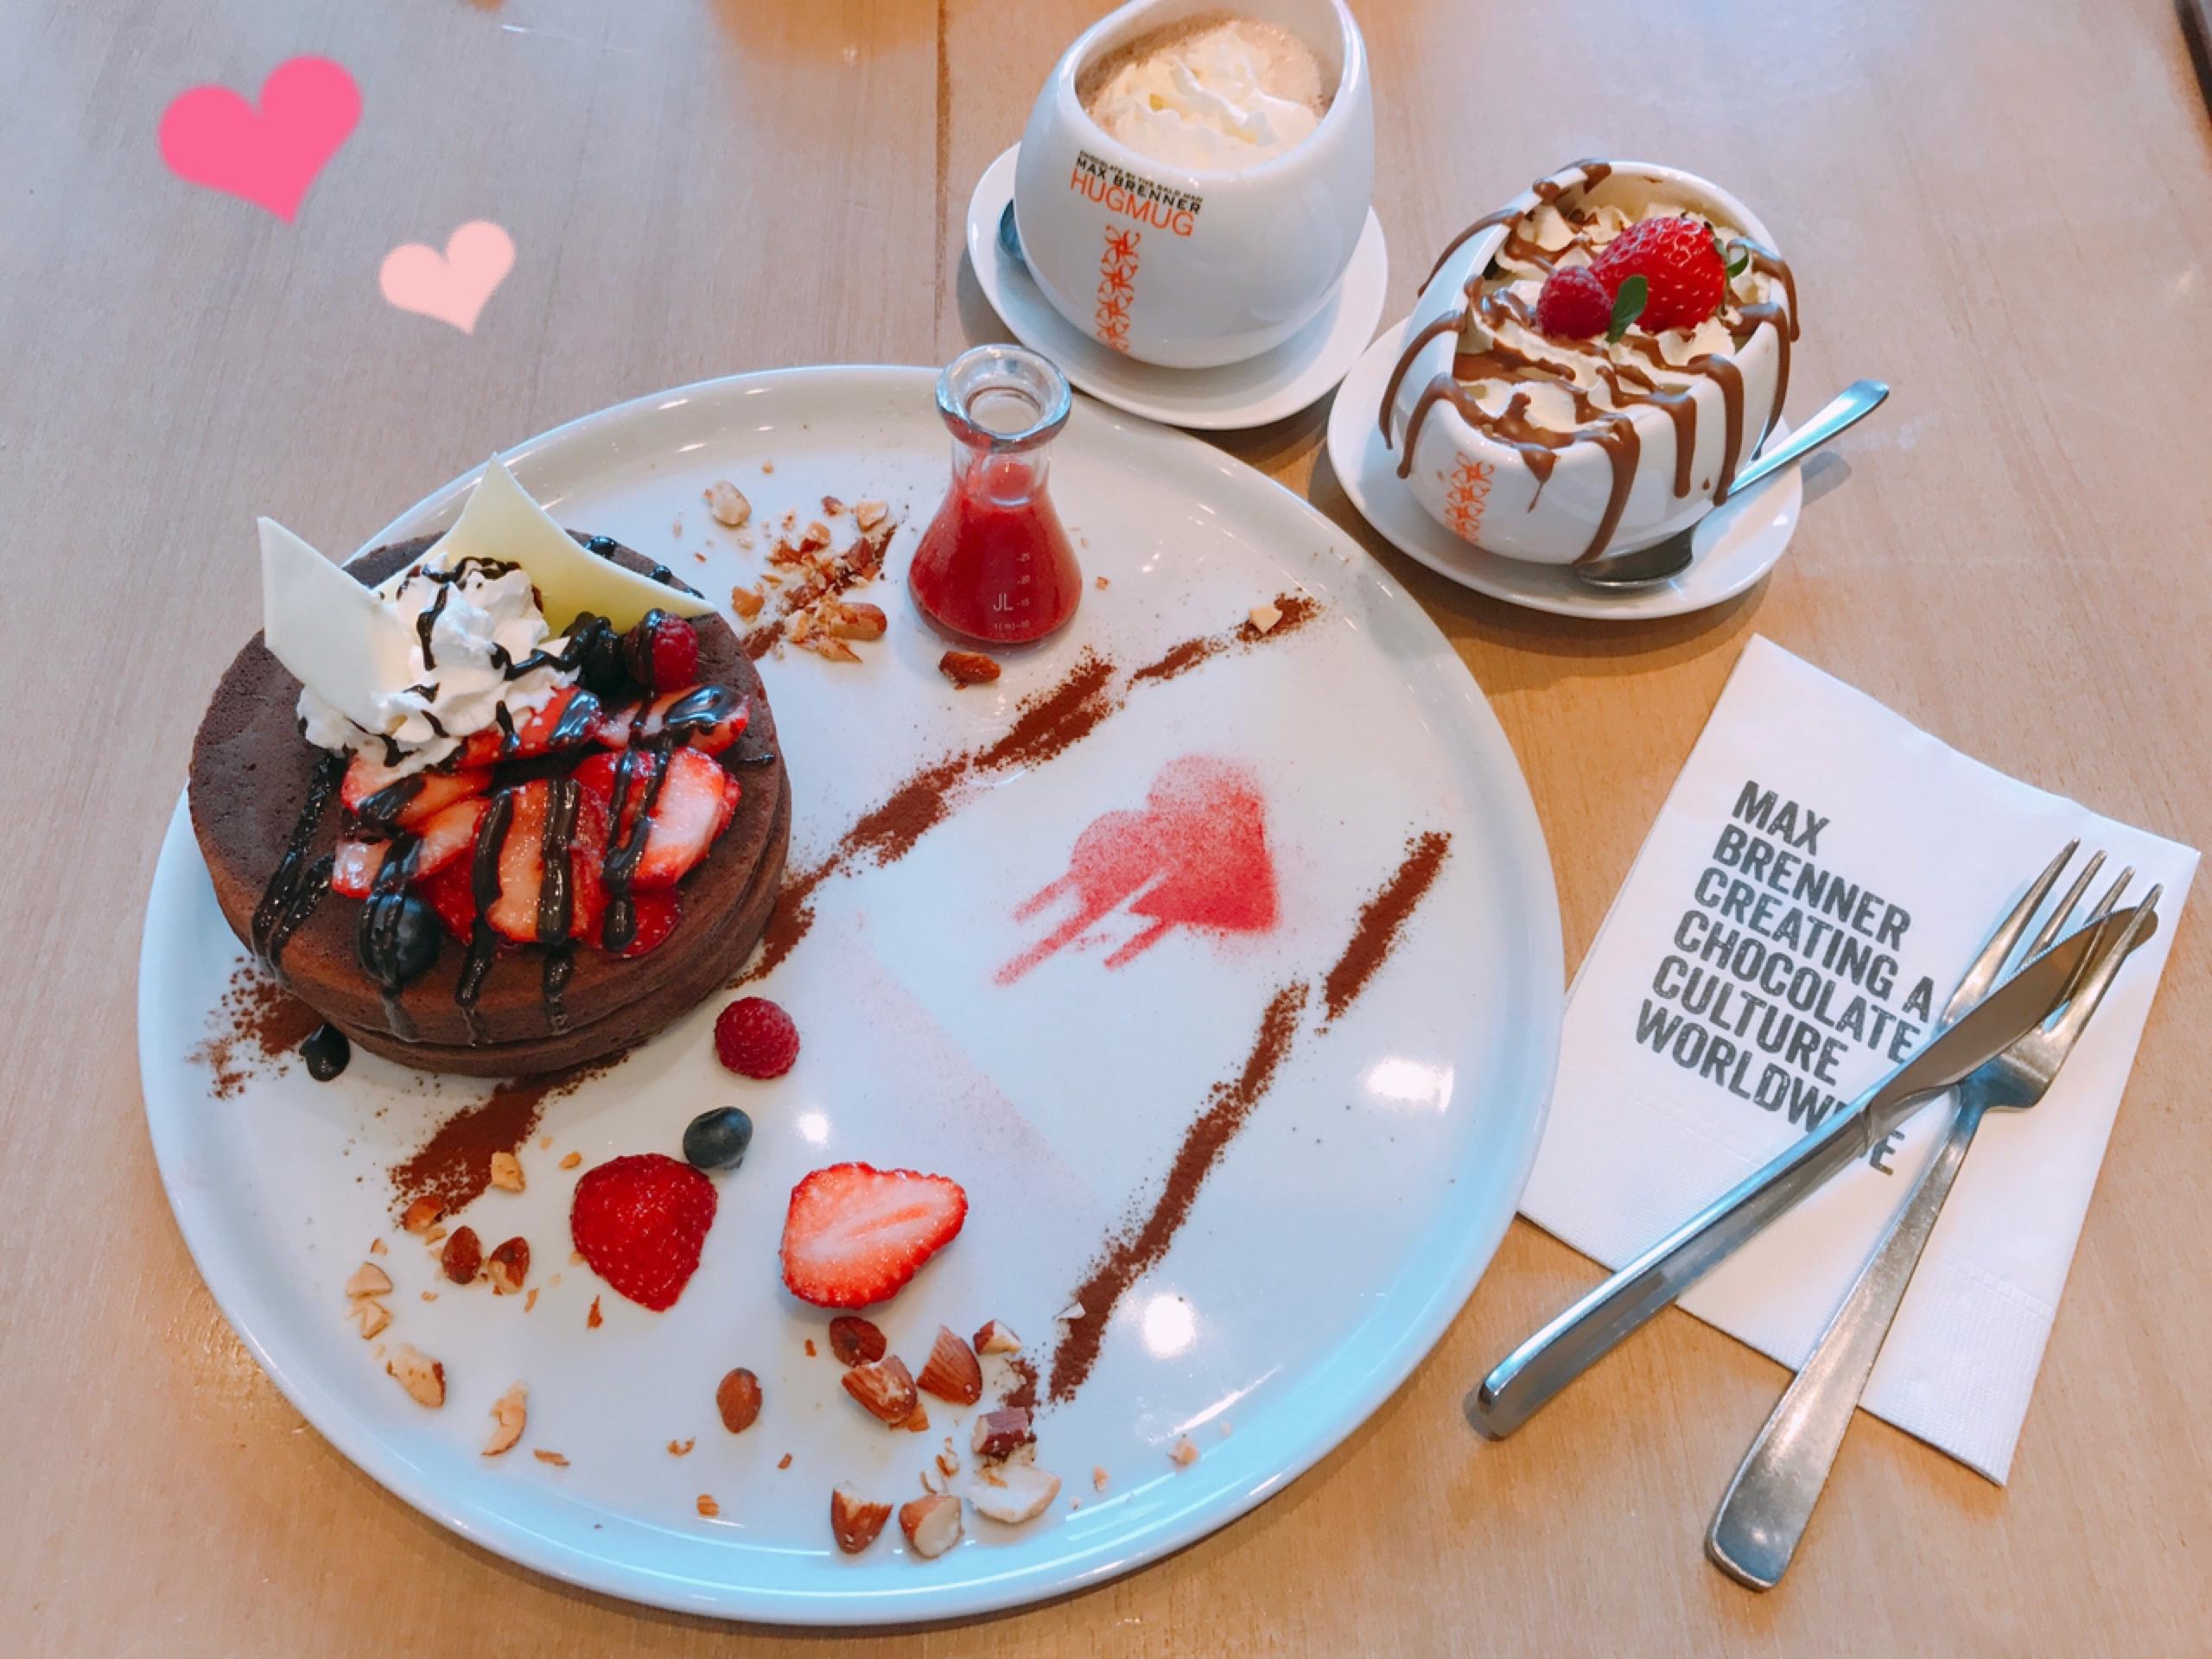 マックスブレナーのバレンタインメニュー